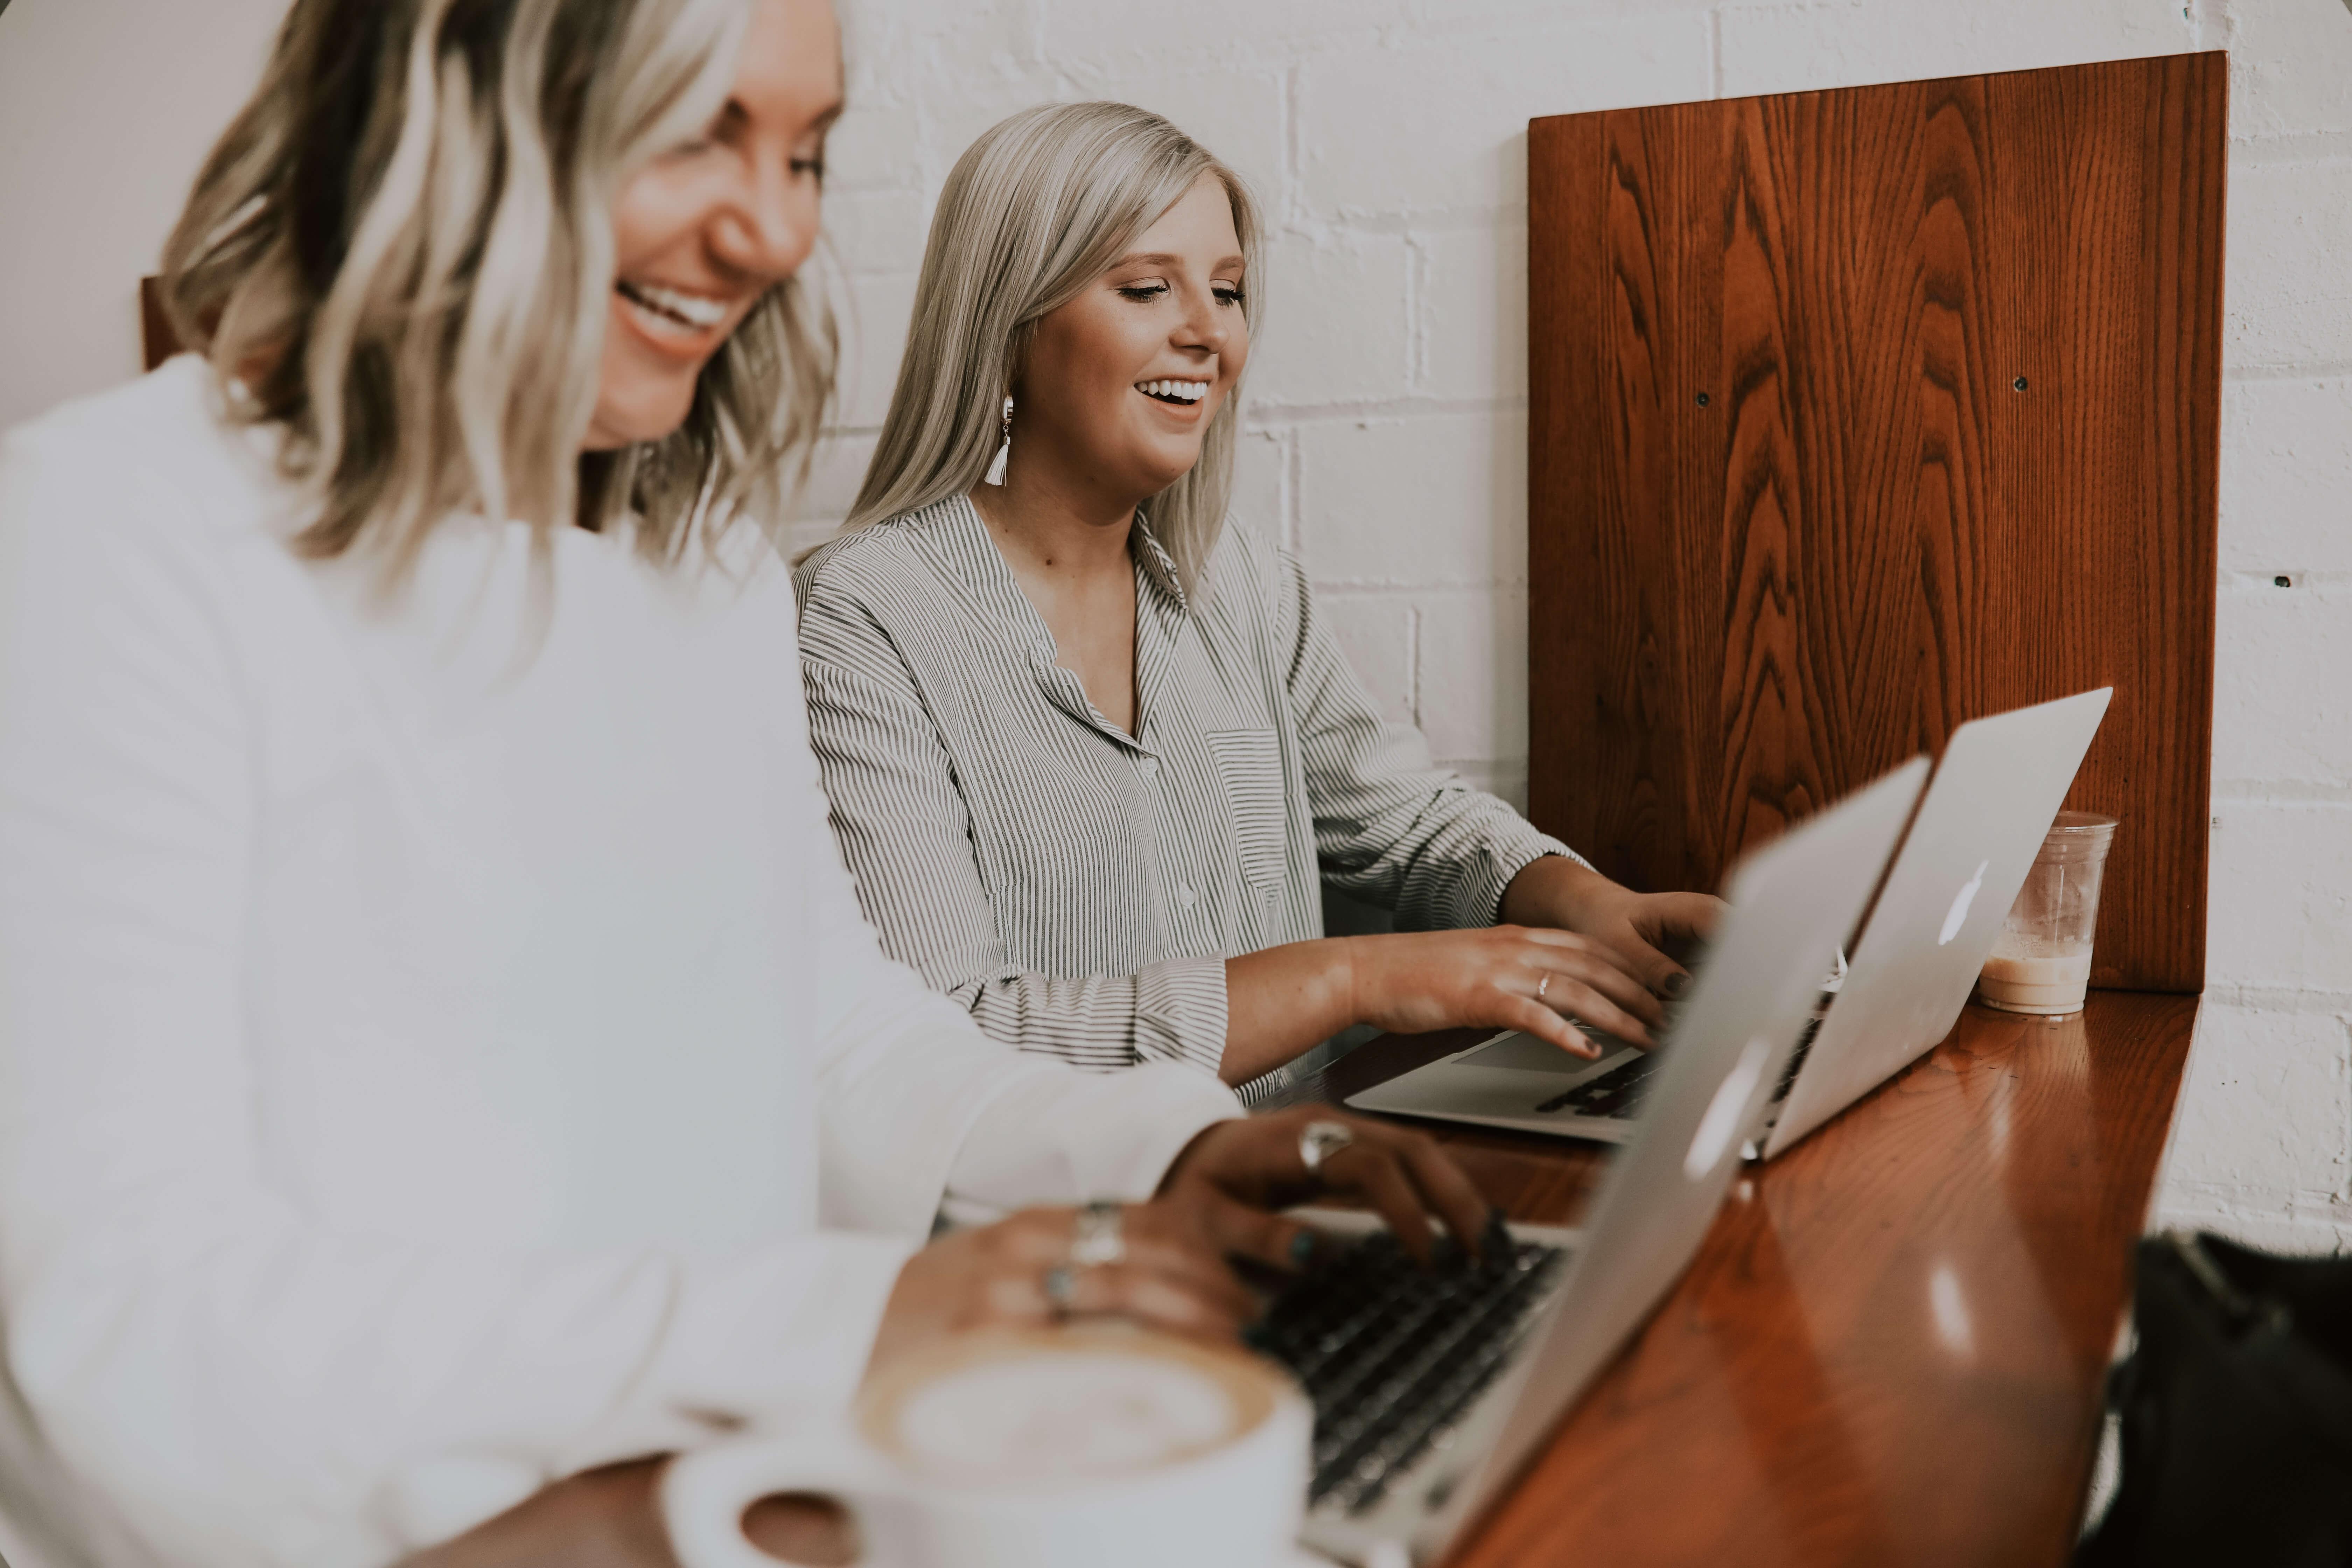 Evalúa el desempeño laboral de tus colaboradores